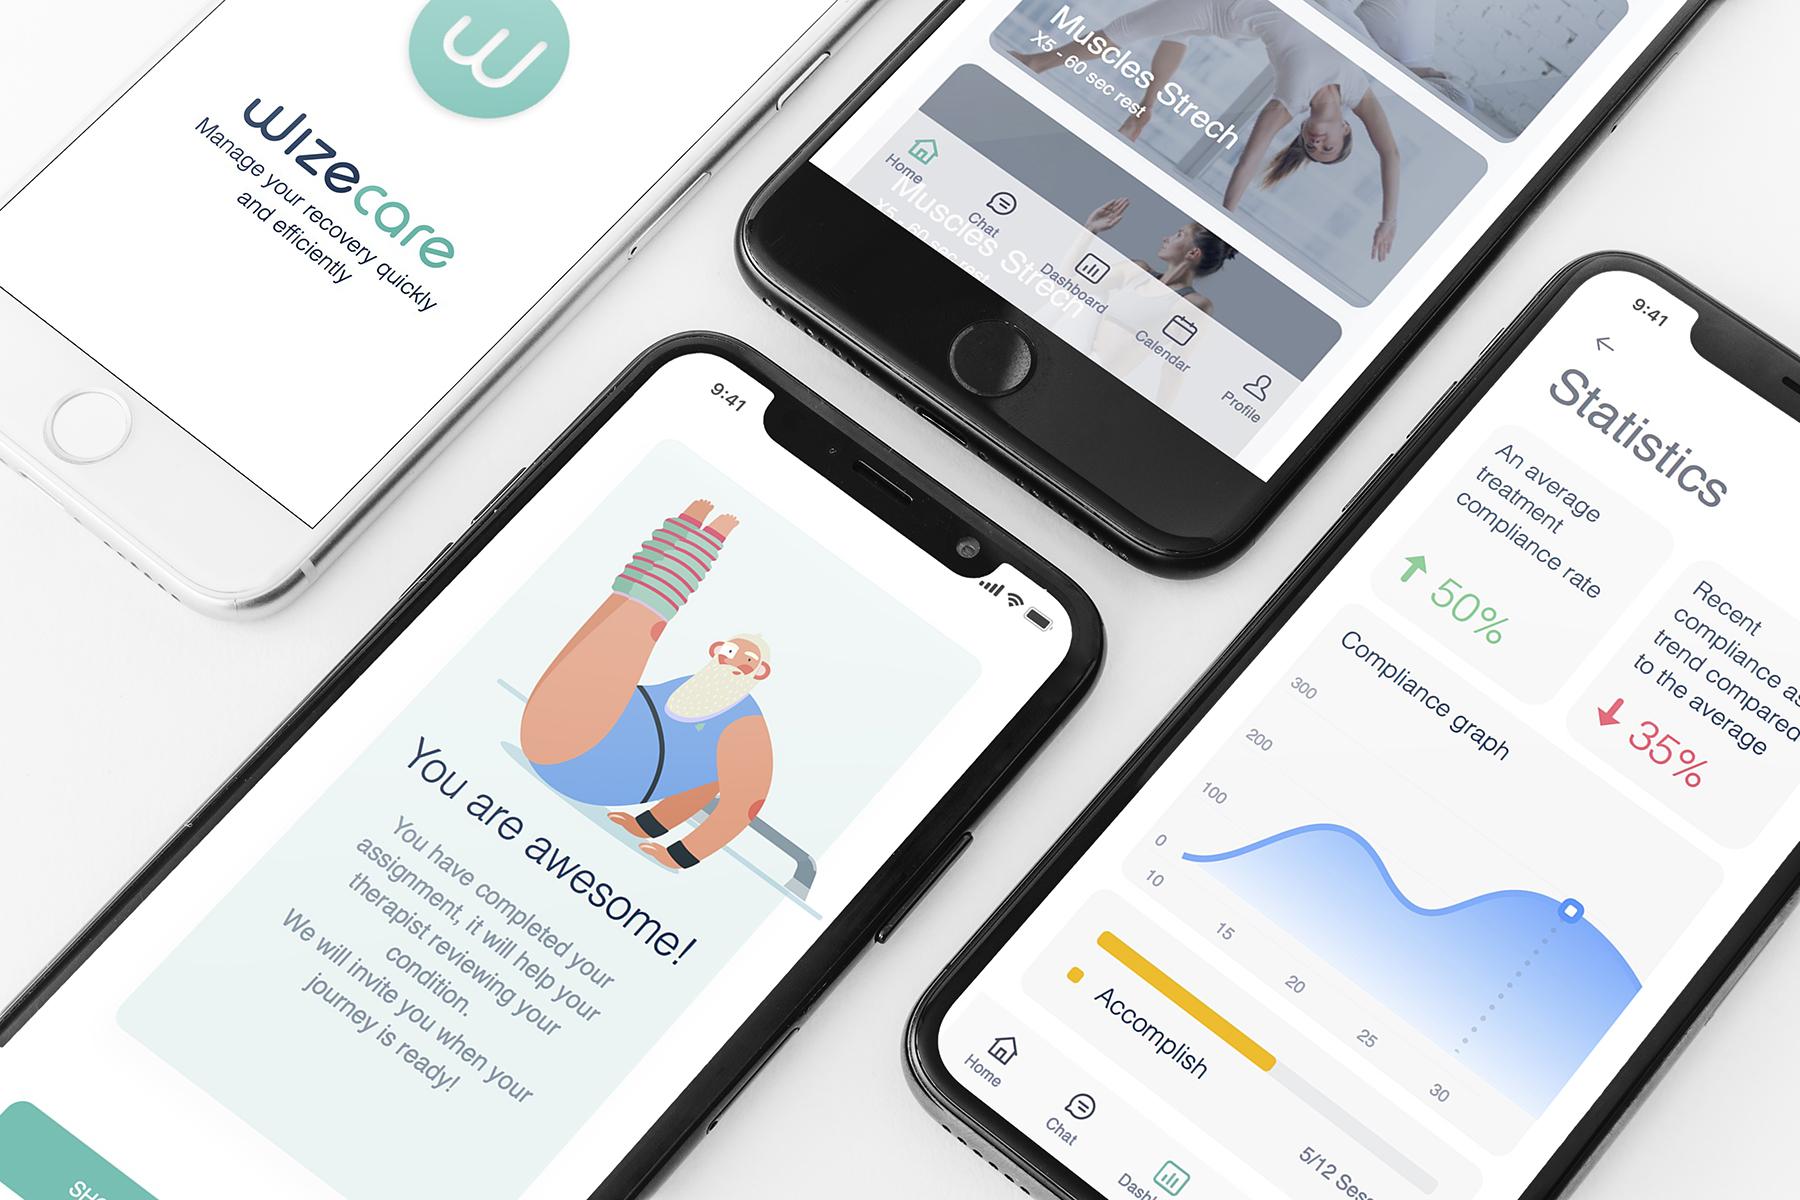 Wizecare app